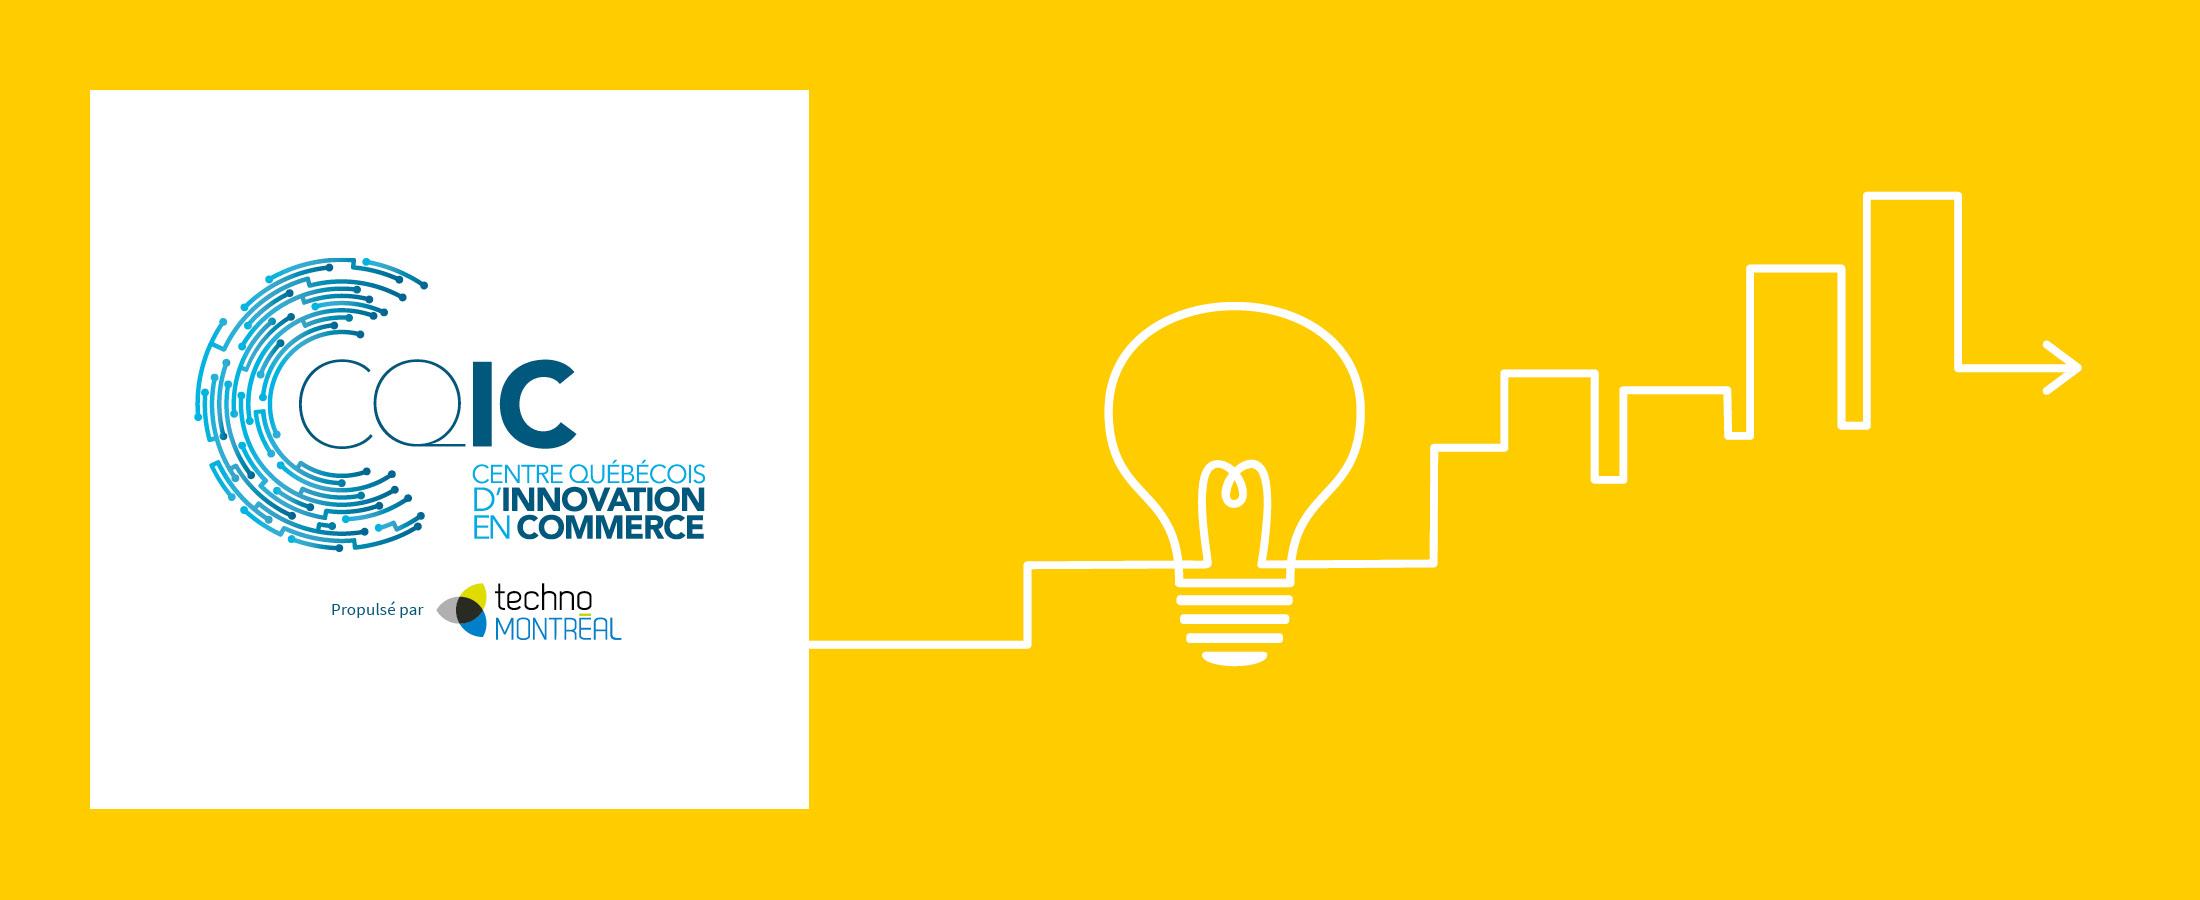 La boîte à outils API : des solutions technologiques québécoises au service des commerçants